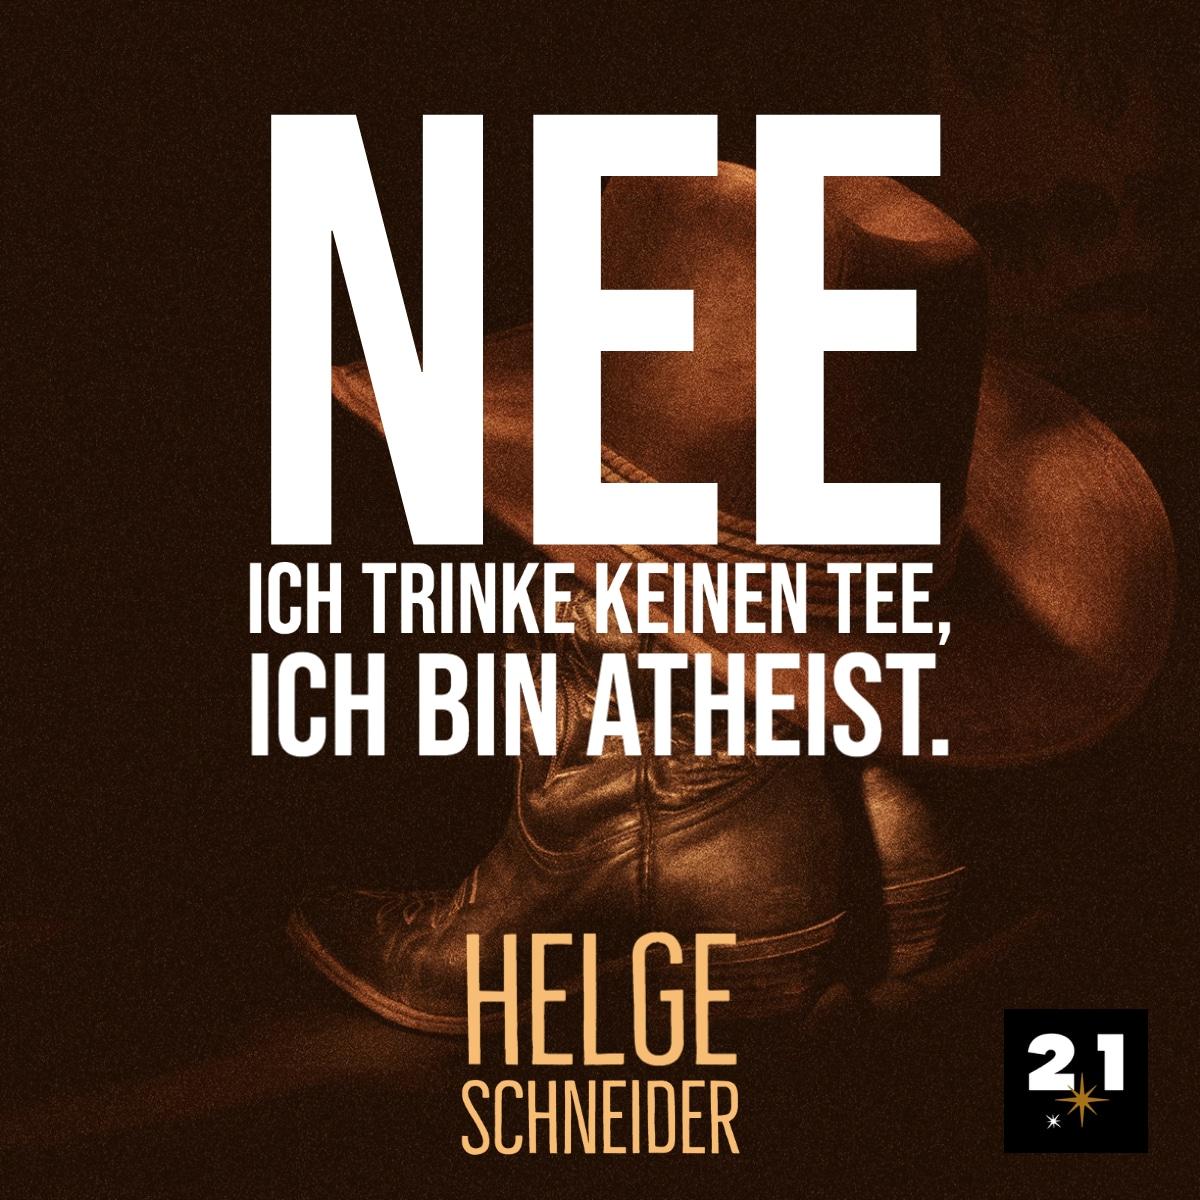 Helge Schneider & Tee